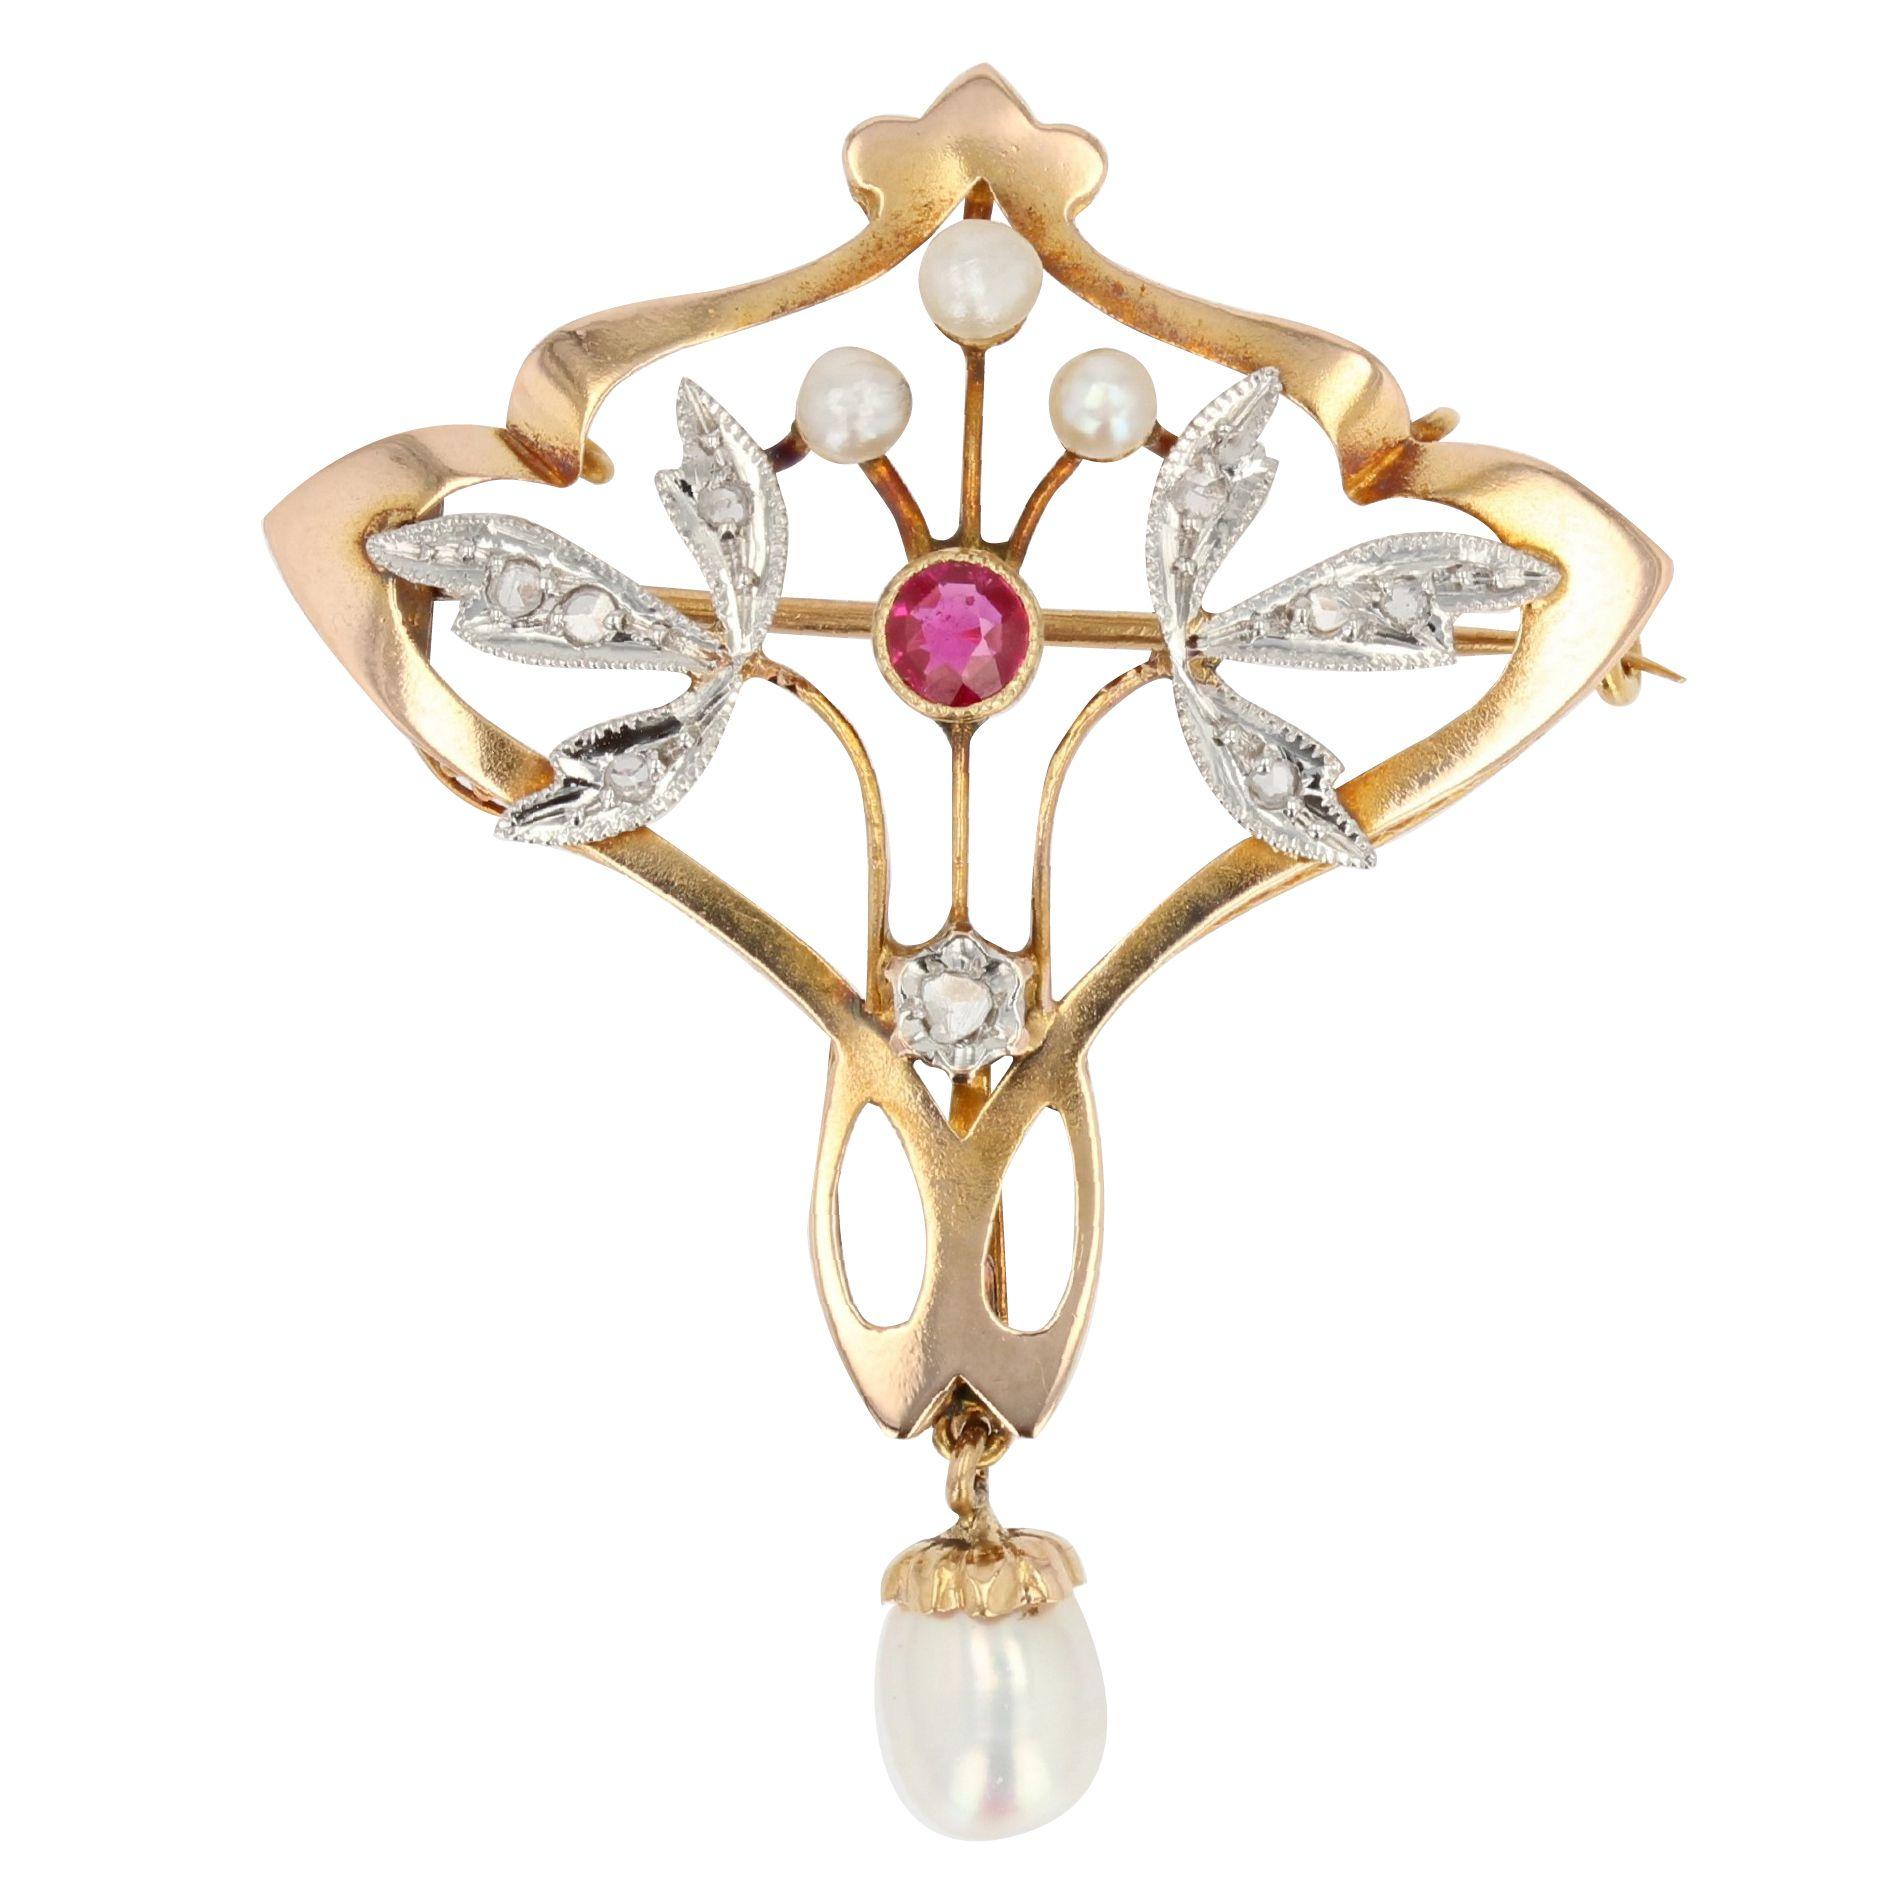 Broche Belle Epoque perles diamants rubis